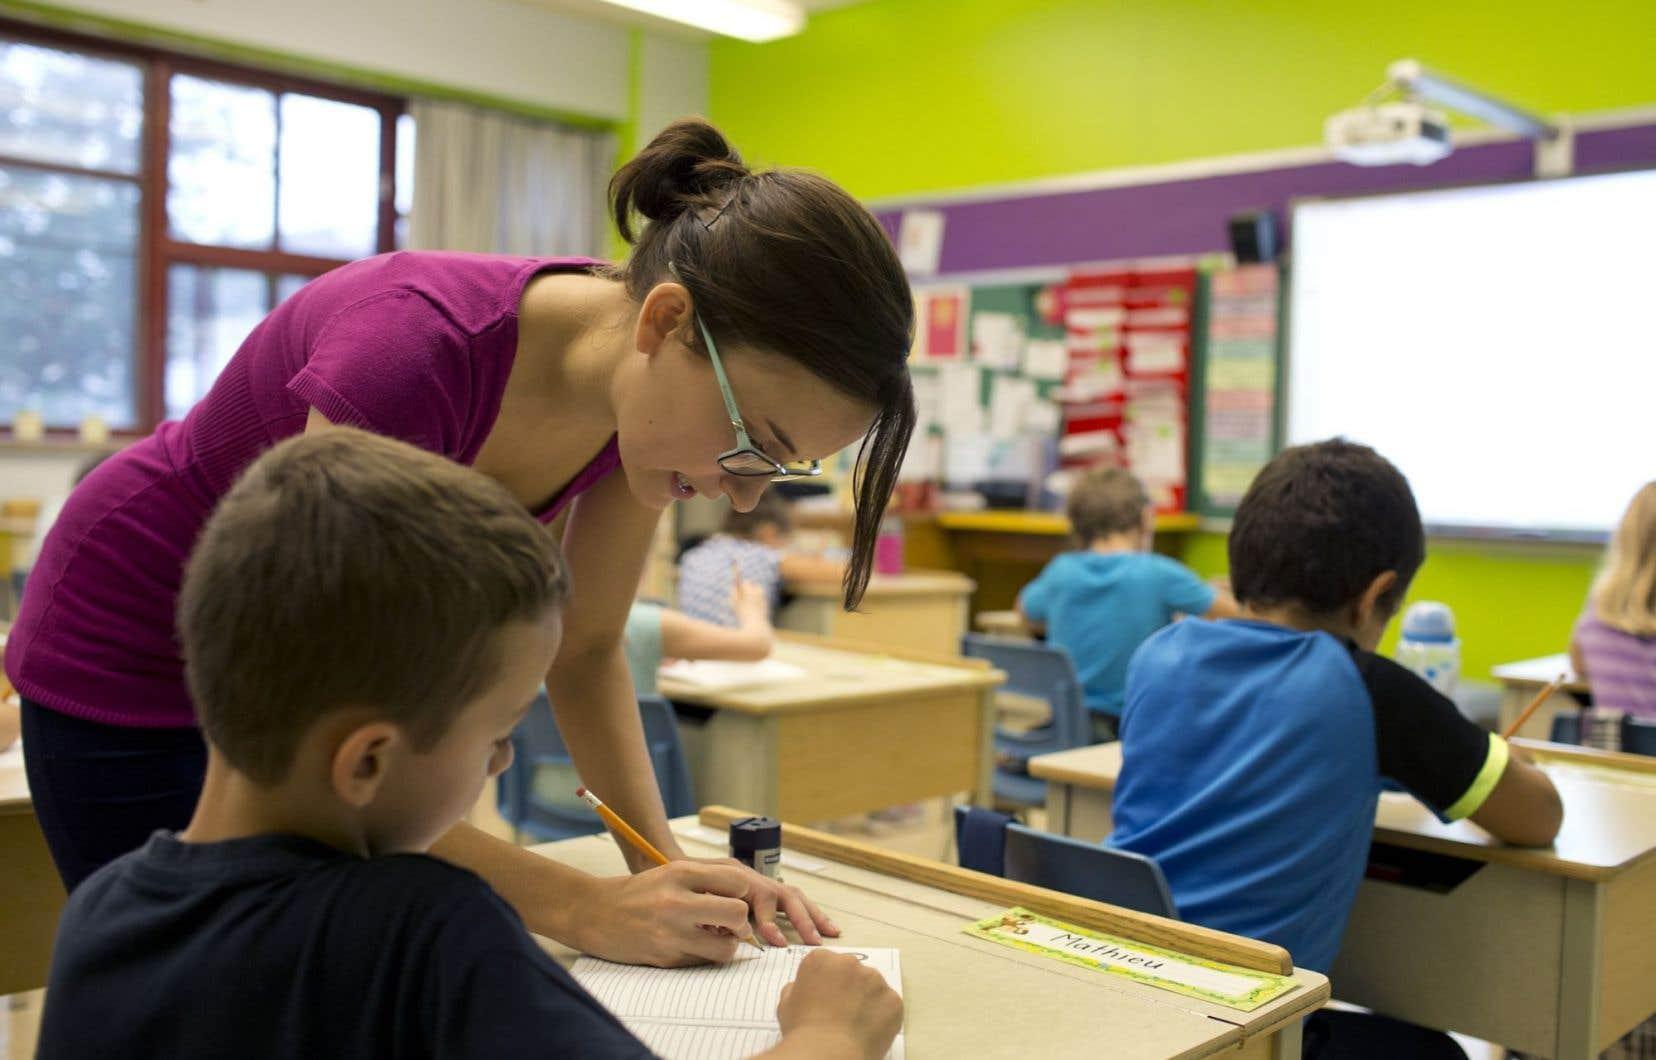 Les critiques souvent virulentes d'un parent à l'endroit d'un enseignant ou d'un membre de la direction ont tendance à favoriser la reproduction du même comportement chez l'élève.